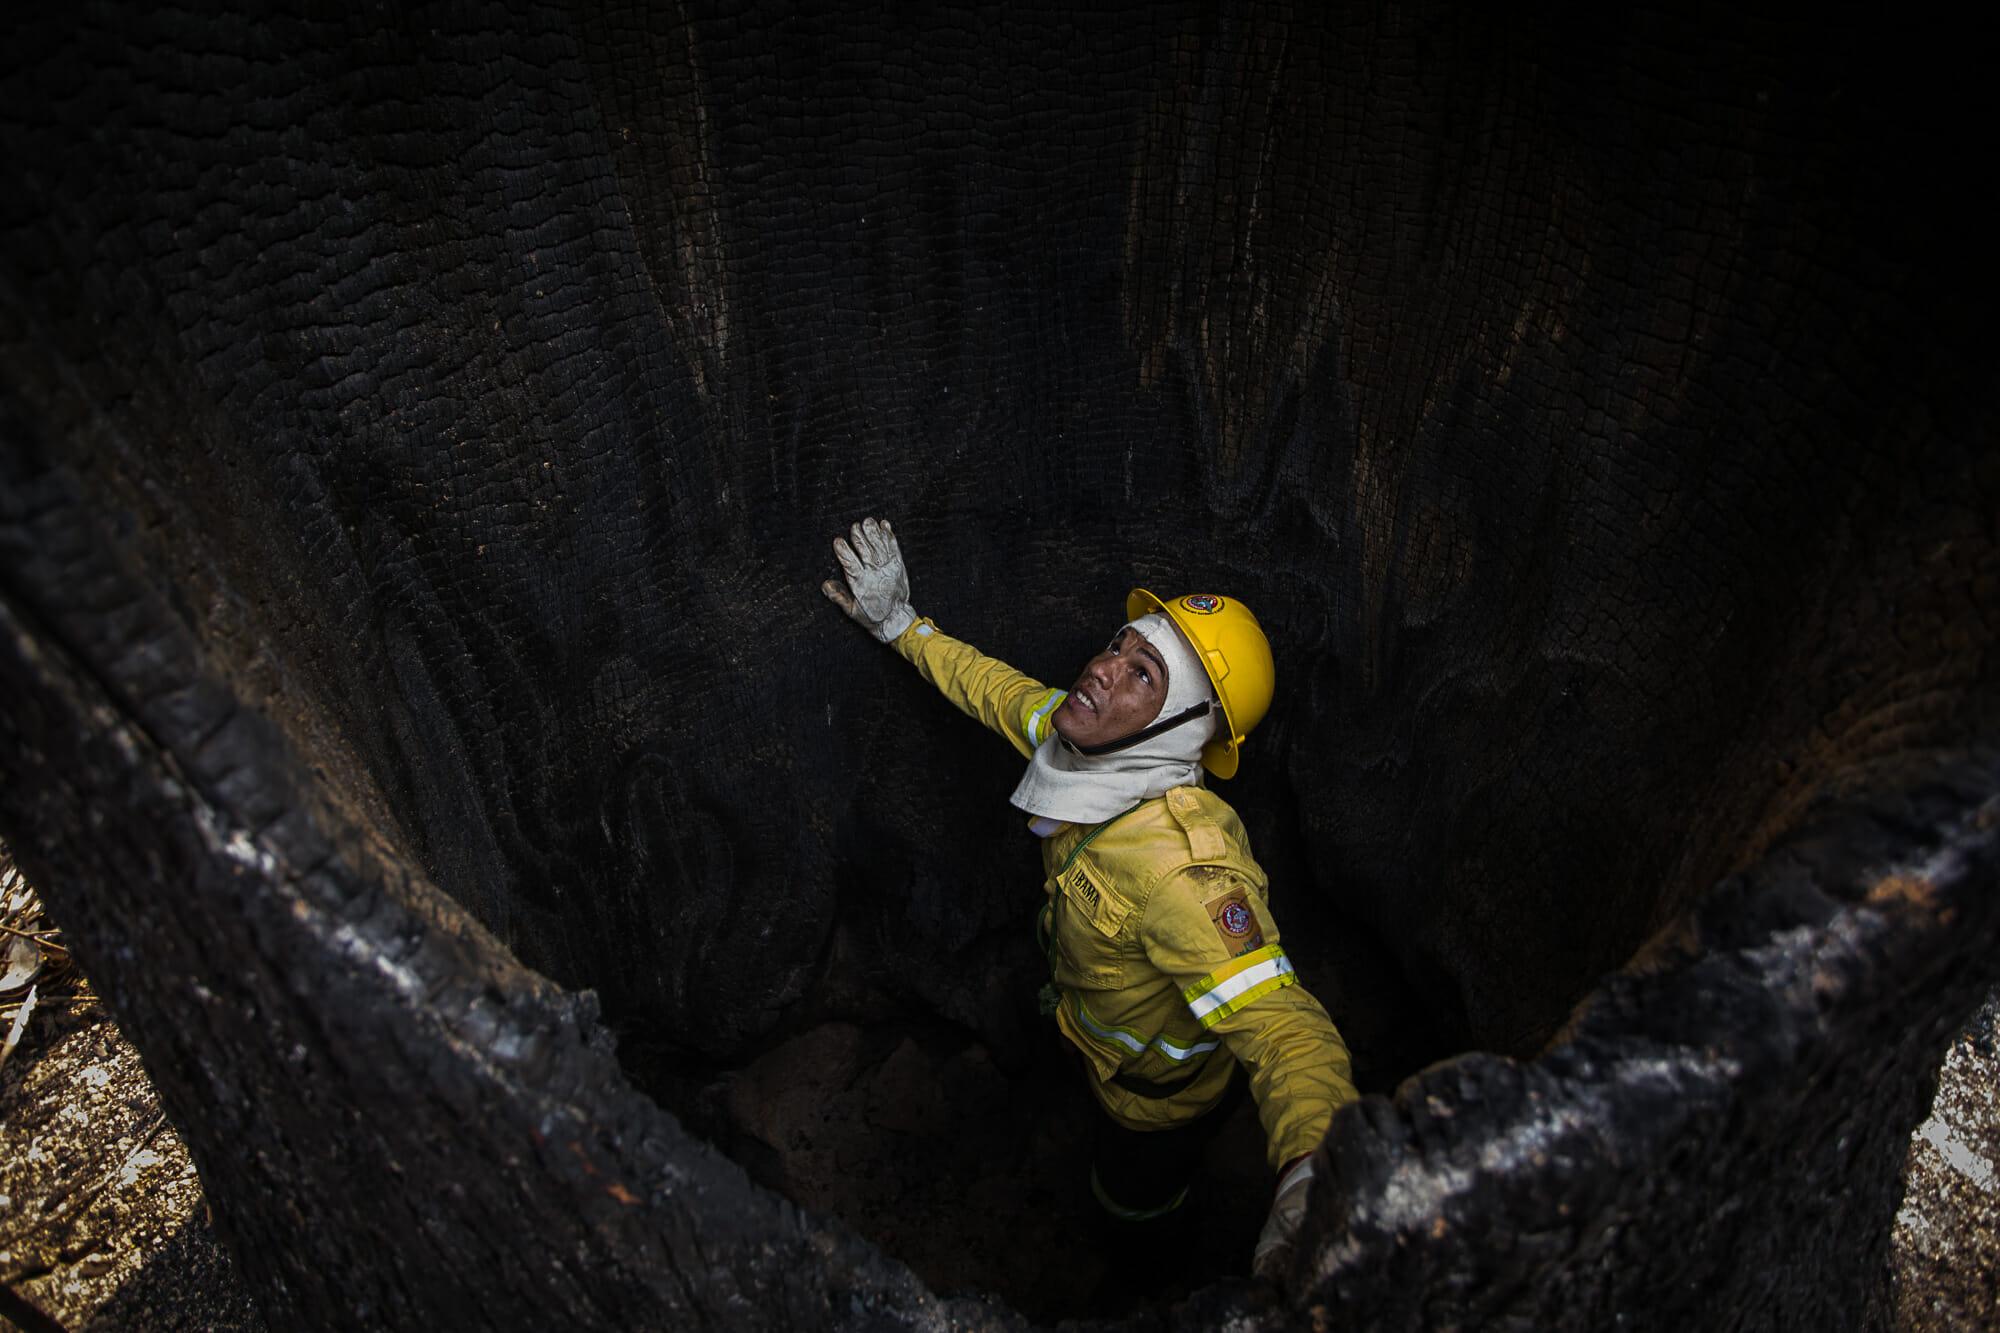 Amazônia em Chamas 20: Enquanto Salles e Mourão têm atritos, queimadas na Amazônia continuam aumentando